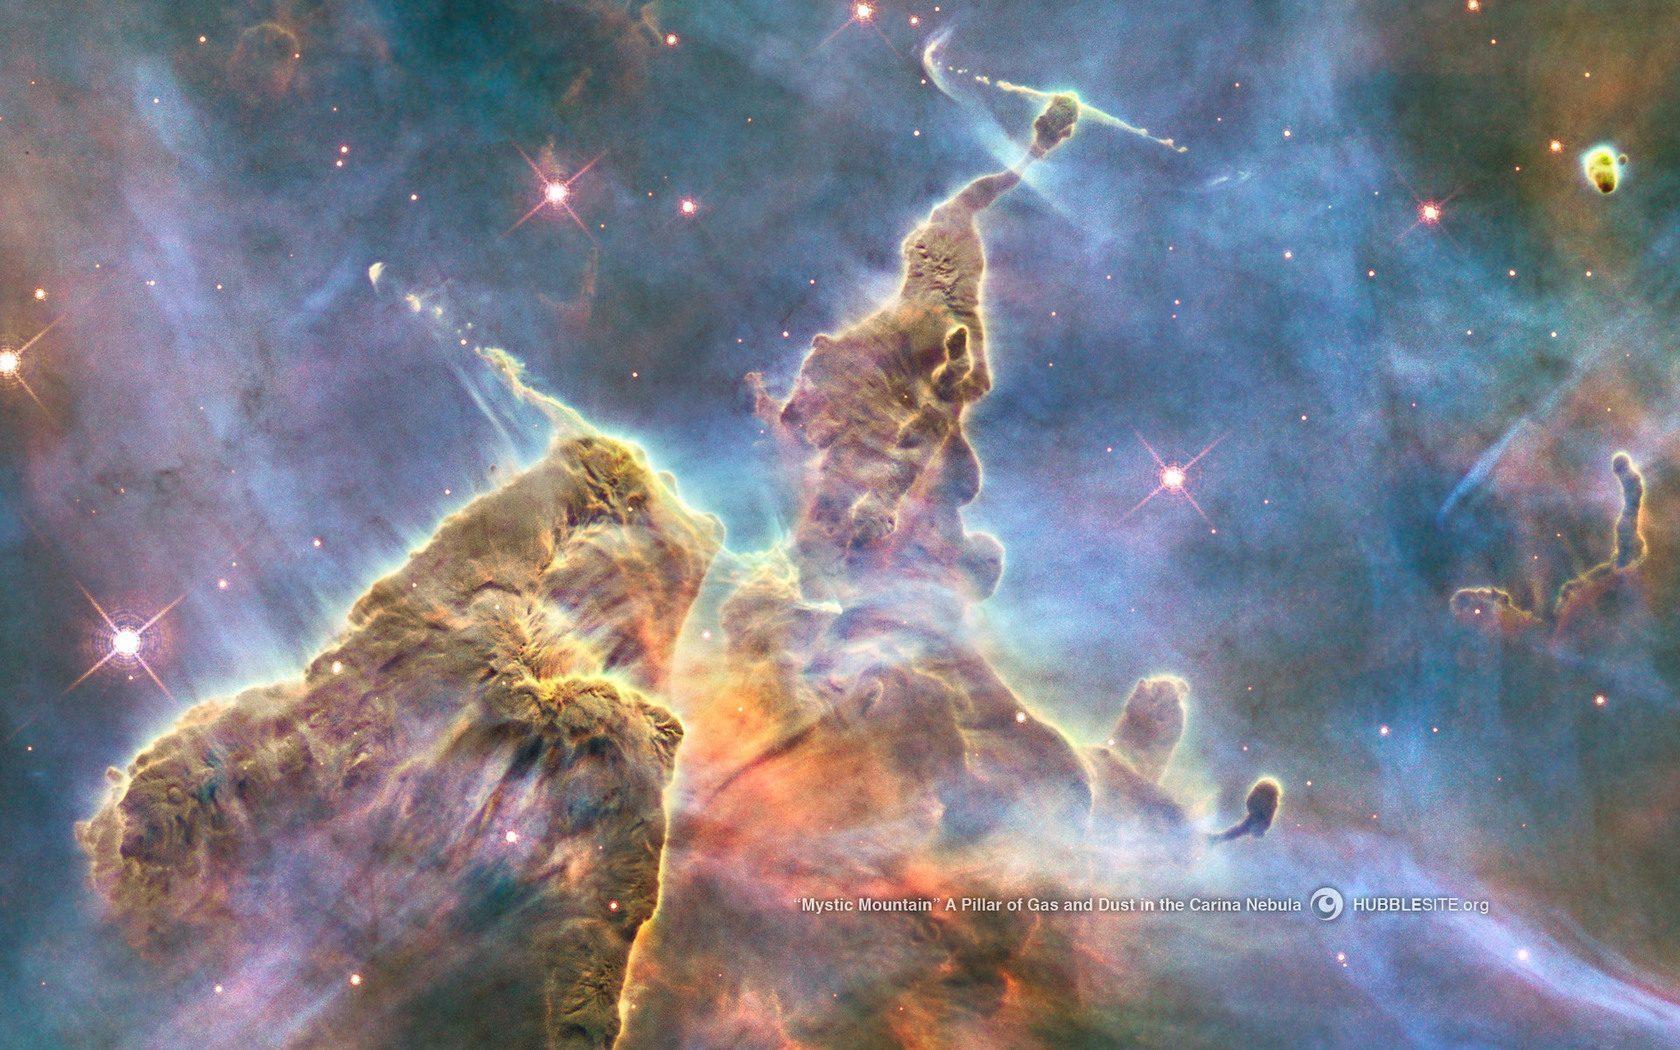 Είναι η περιοχή «Νότιος Πυλώνας», εκεί όπου γίνεται η γέννηση των άστρων το λεγόμενο Νεφέλωμα Καρίνα (Carina). Όπως δε ανοίγουμε ένα καρπούζι και βρίσκουμε τους σπόρους του, έτσι και το υπέρυθρο τηλεσκόπιο «ξεσκεπάζει» αυτό το σκοτεινό νέφος για να αποκαλύψει τα άστρα -έμβρυα μέσα σε πυλώνες από πυκνή σκόνη.